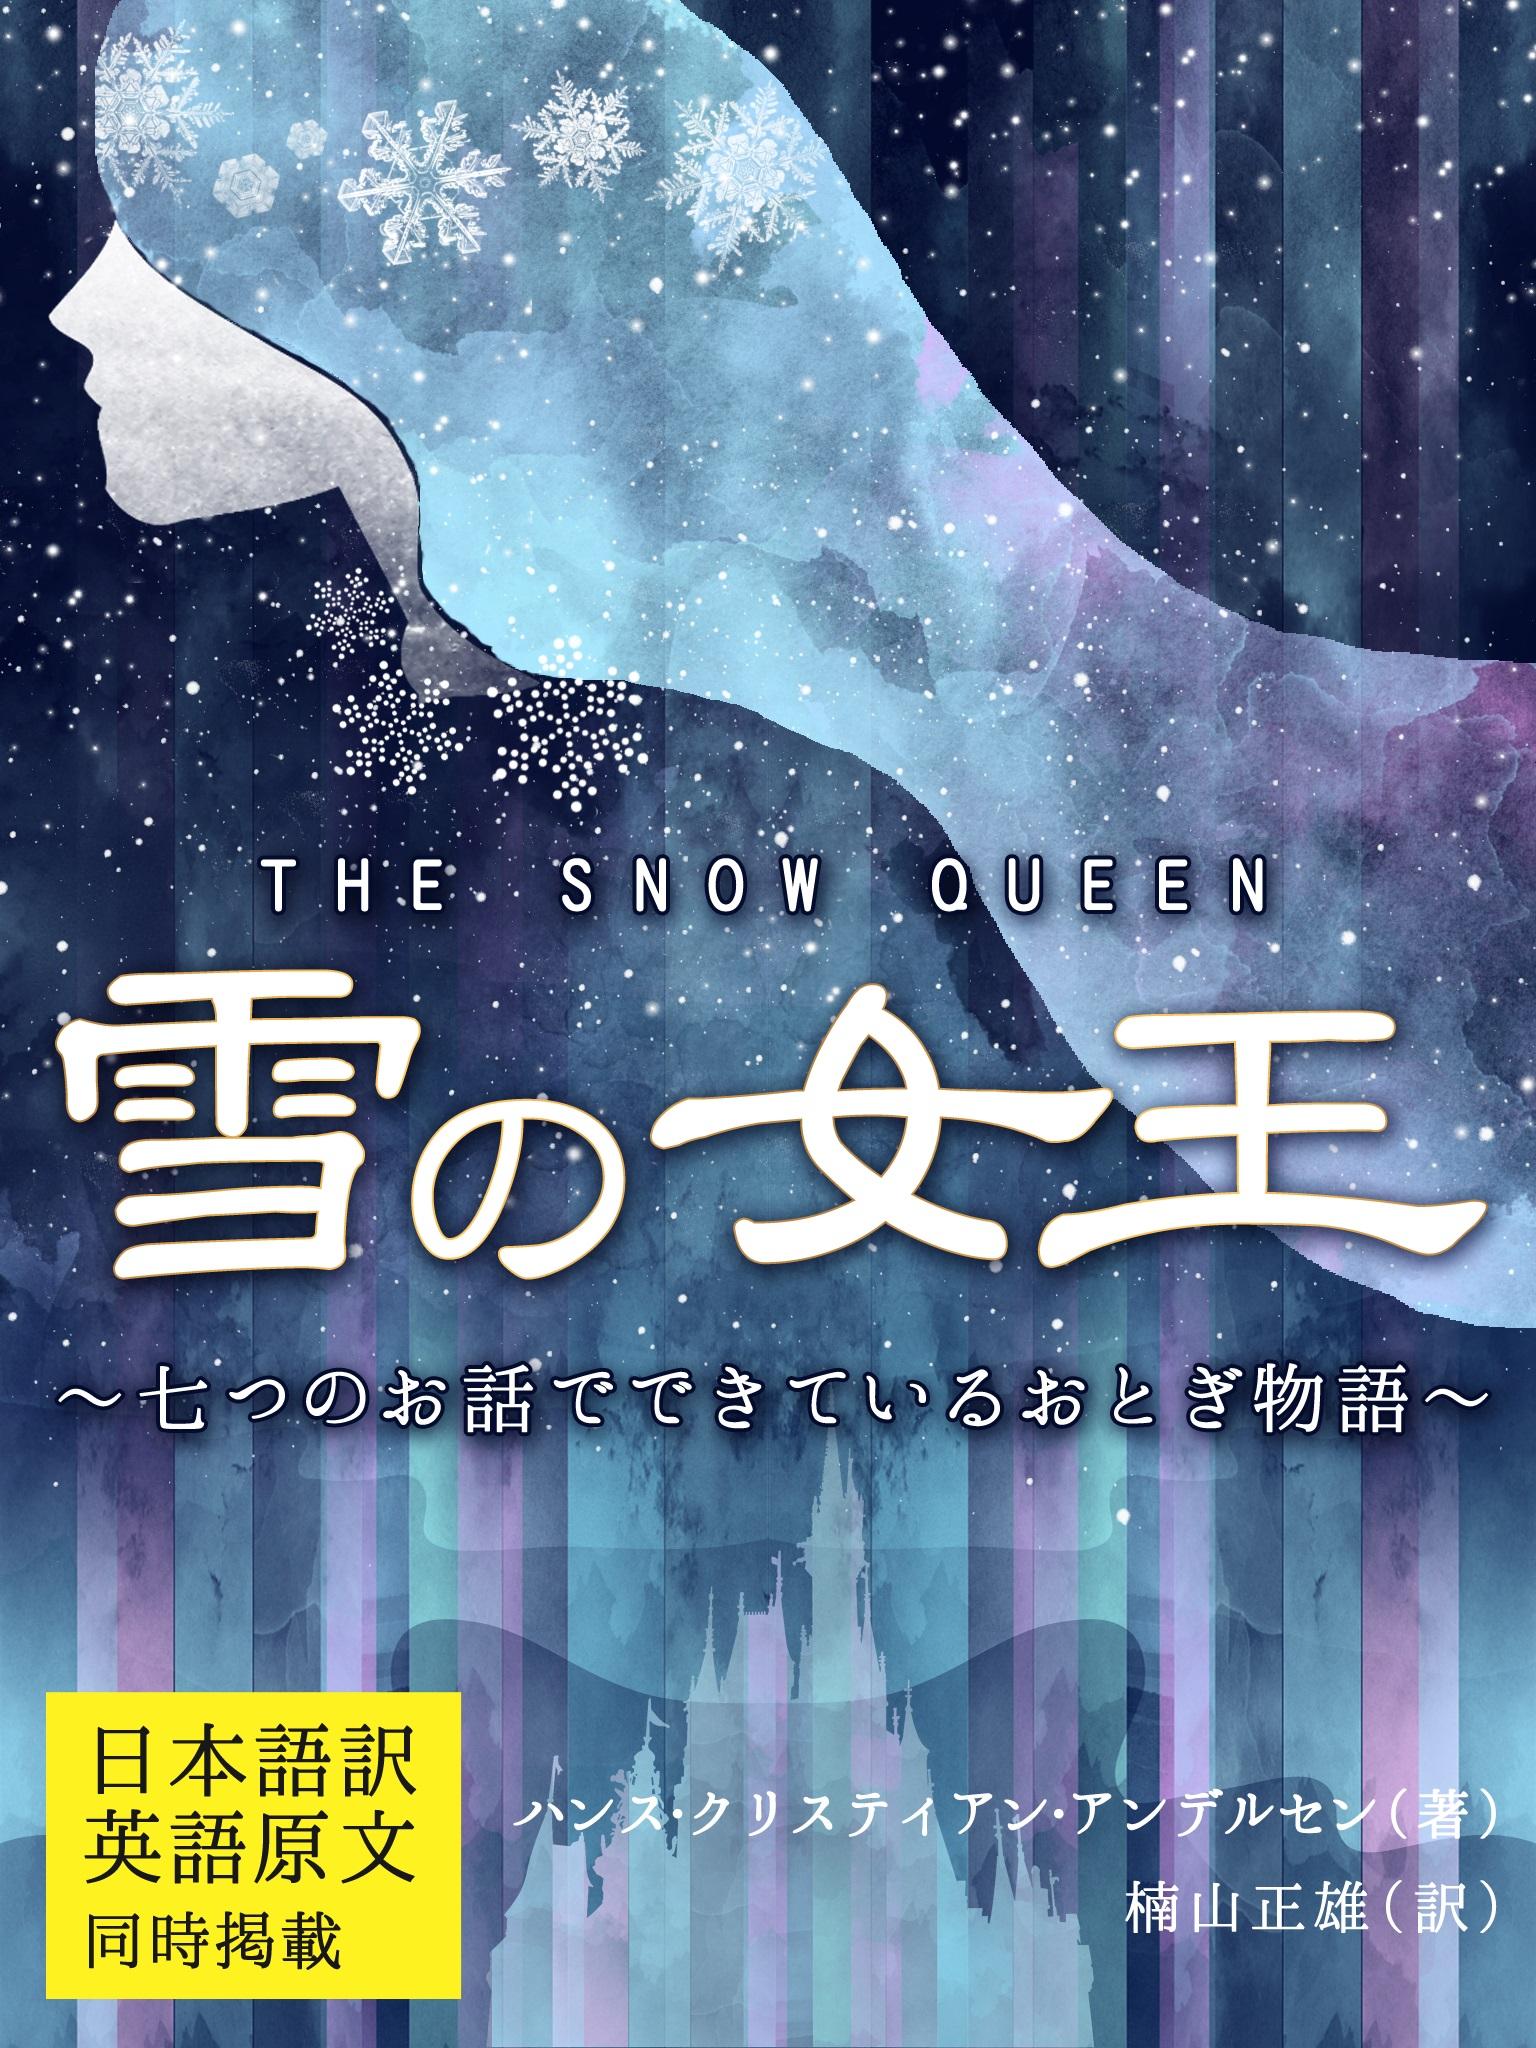 【日本語訳/英語原文 同時掲載】 雪の女王/THE SNOW QUEEN ~七つのお話でできているおとぎ物語~